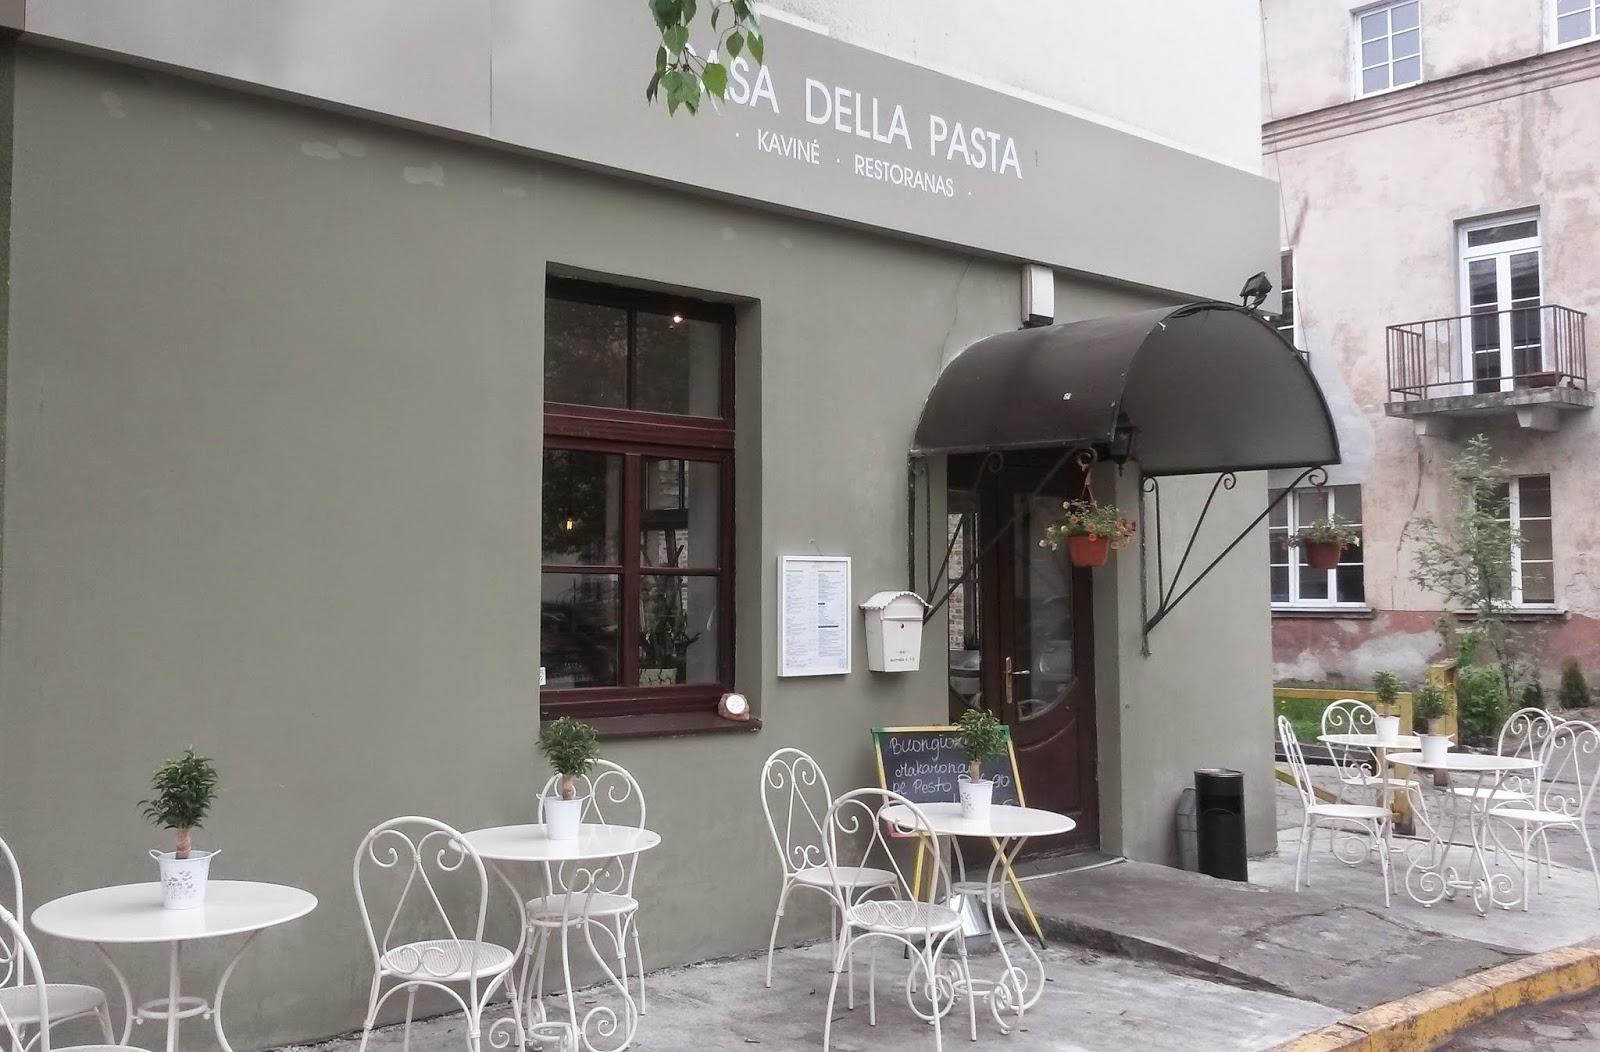 Casa della pasta paguod teikiantis maistas kas naujo kaune - La casa della lampadina torino ...